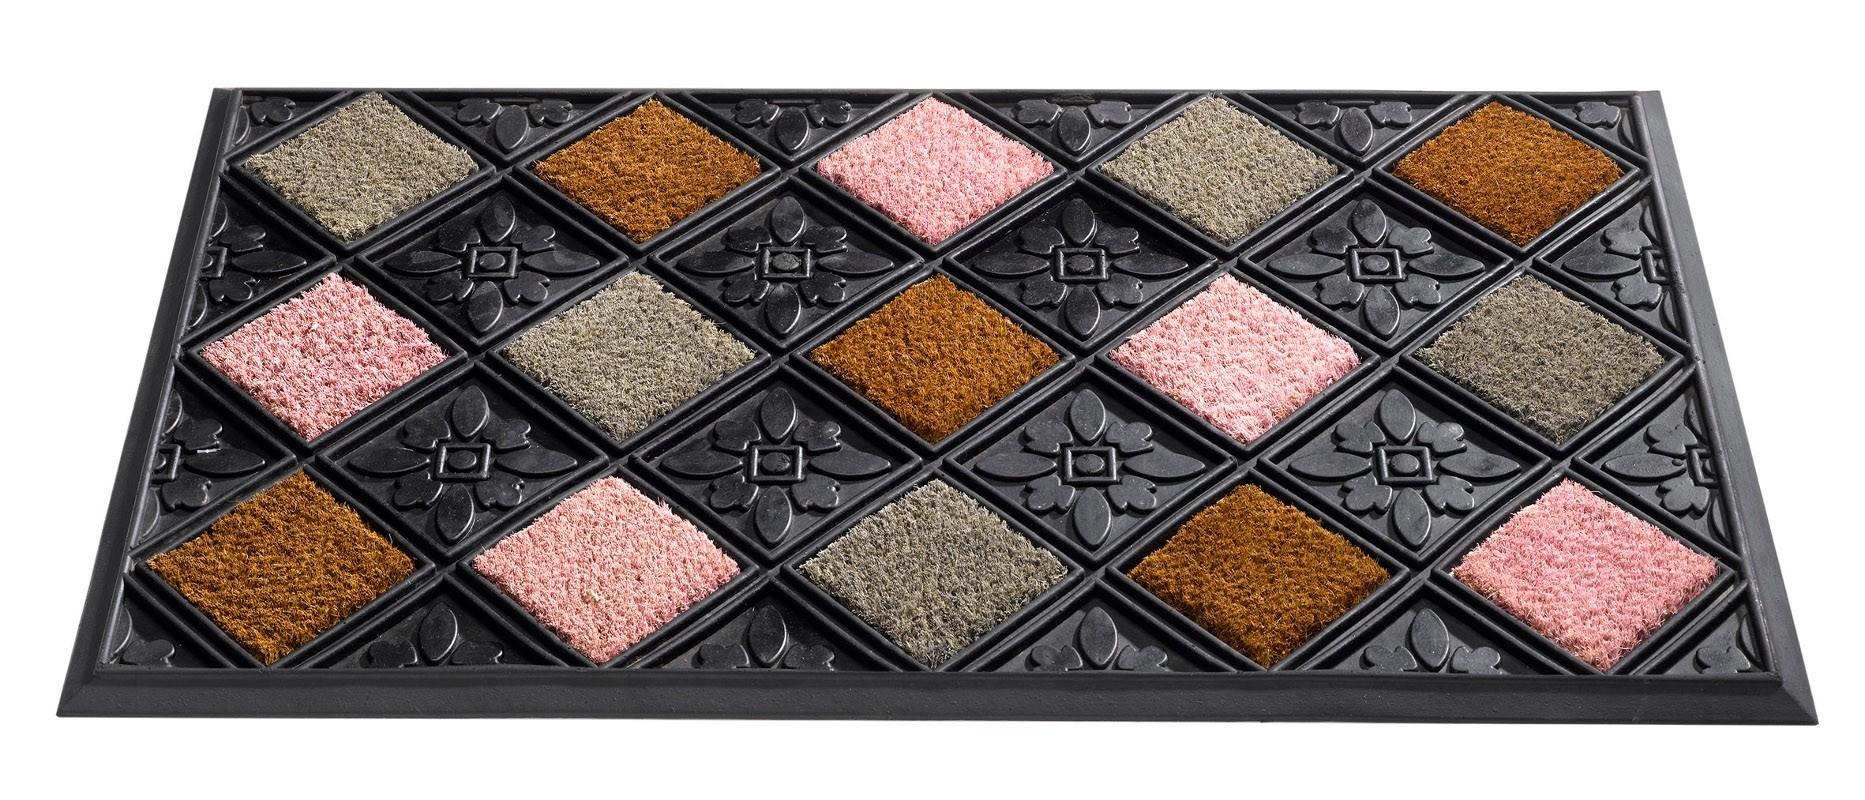 paillasson extrieur paillasson tapis duentre paillasson rigolo u u pour que vous tes dcoration. Black Bedroom Furniture Sets. Home Design Ideas